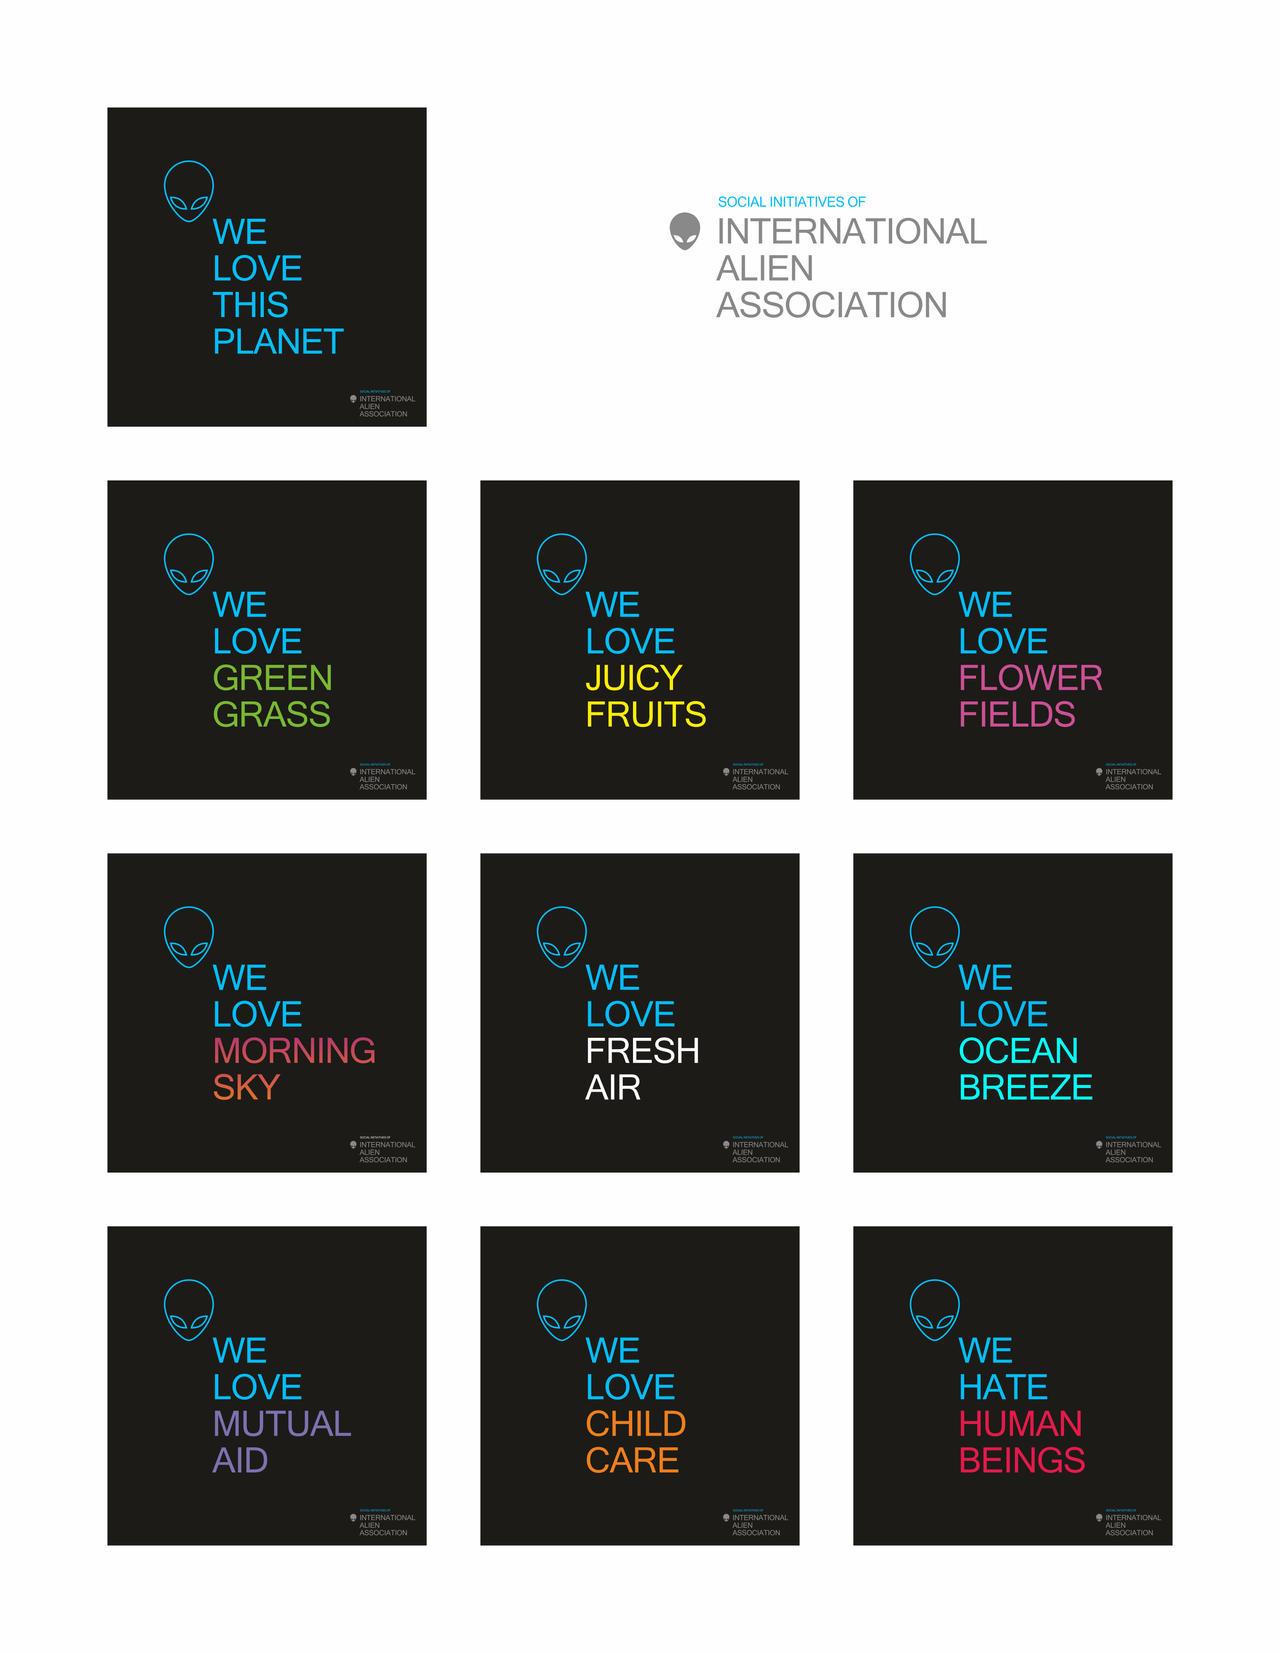 Social initiatives of IAA